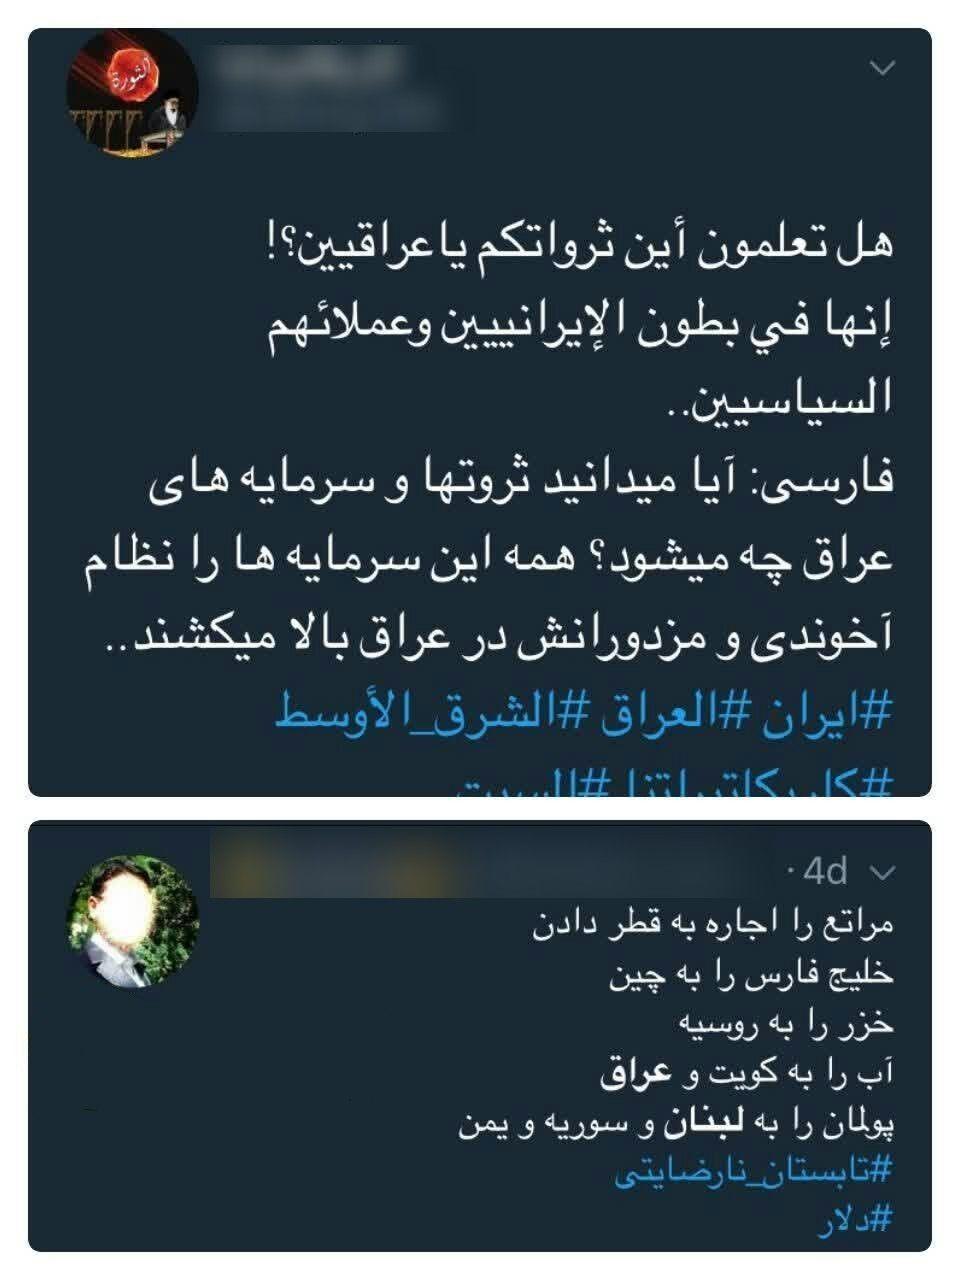 واقعیت های مخارج ایران در منطقه